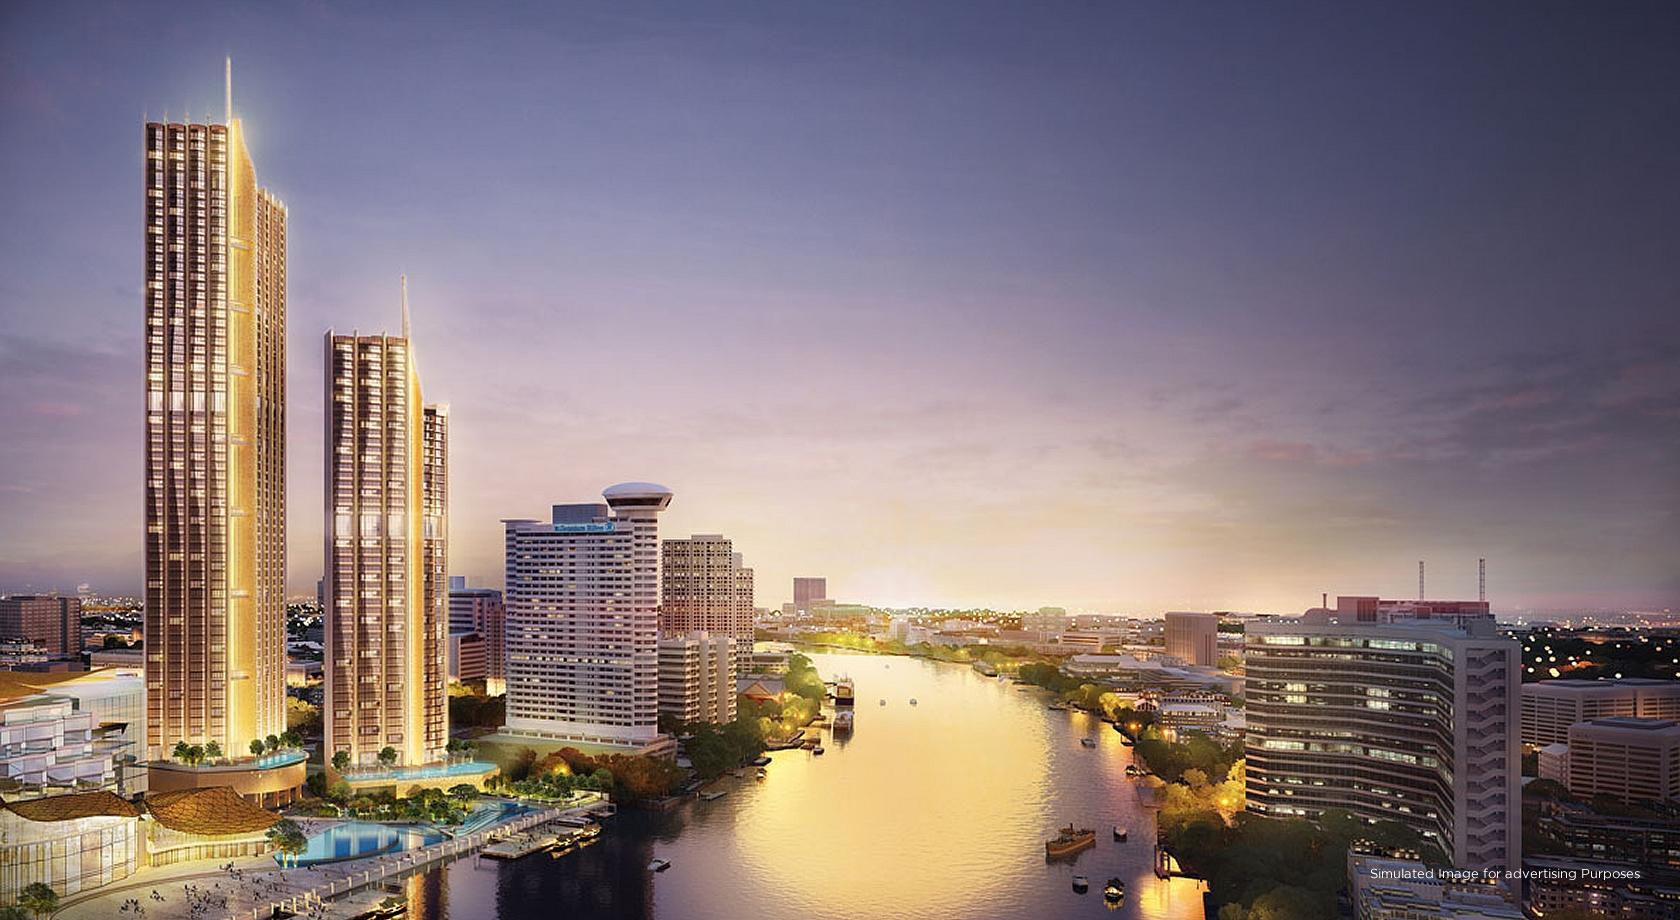 Magnolai Waterfront Residences (icon siam)